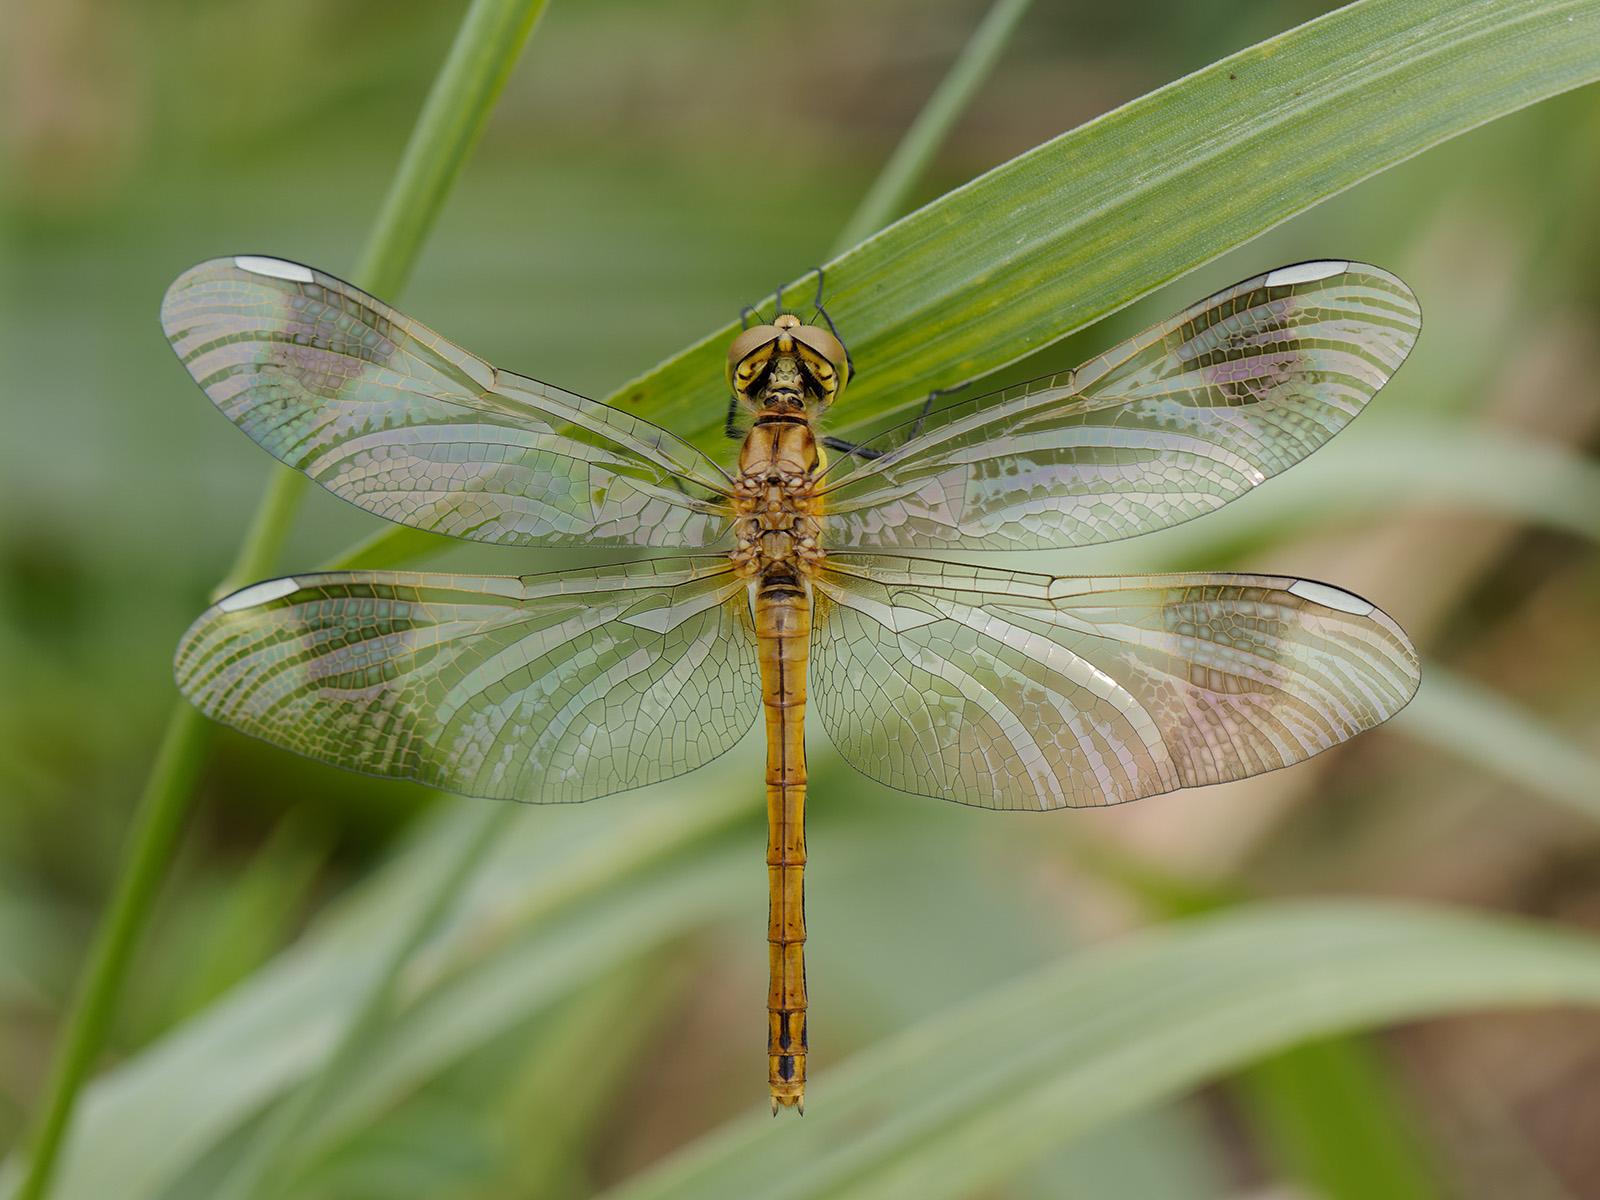 Sympetrum pedemontanum, teneral female